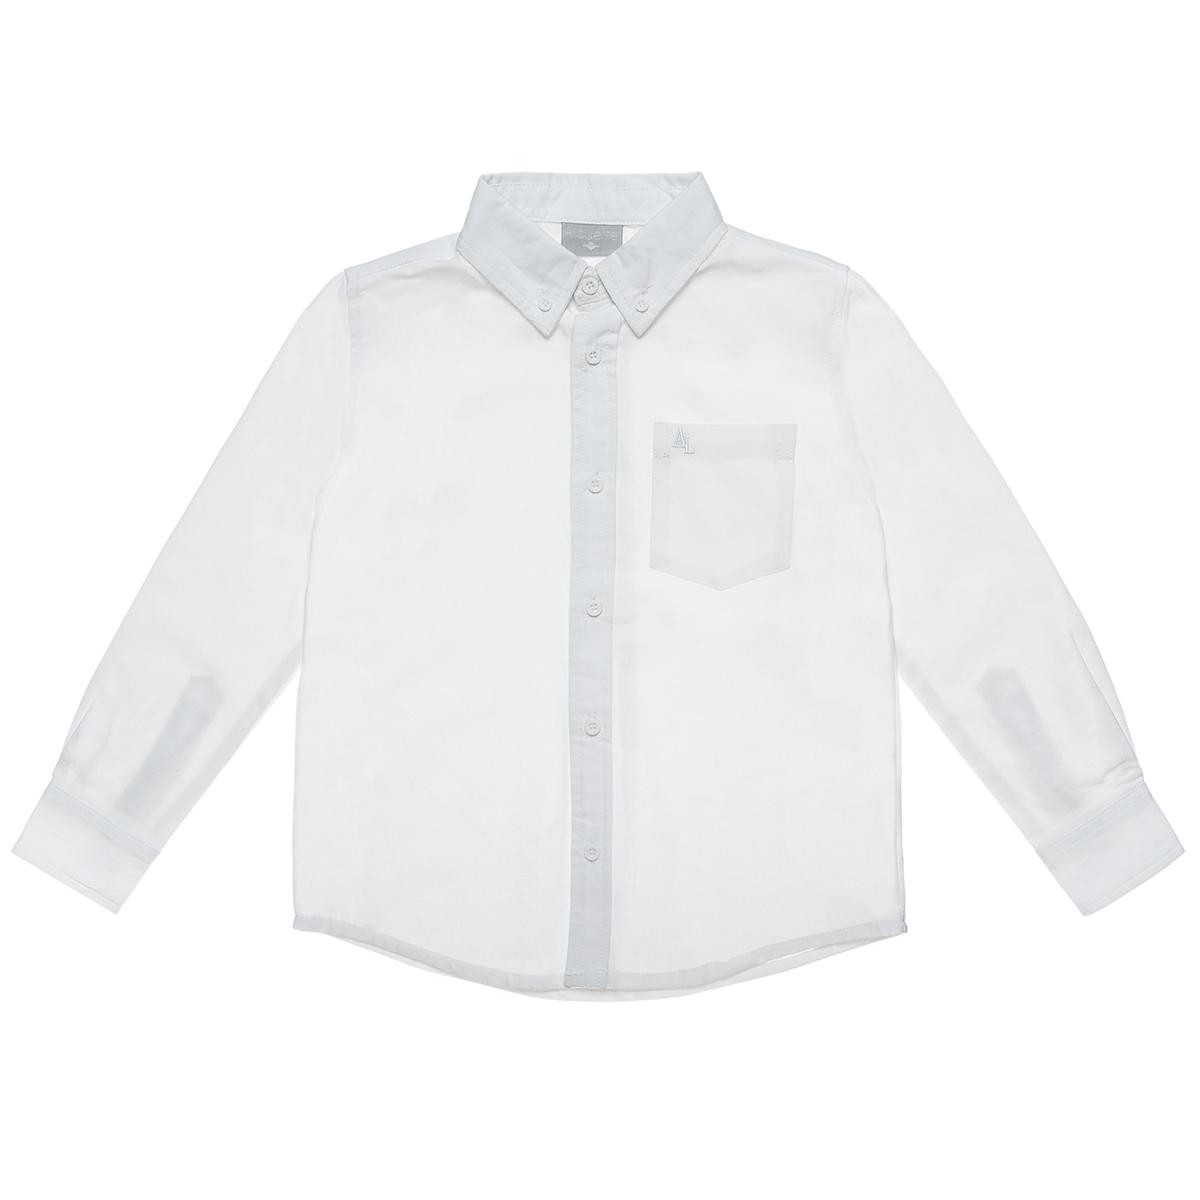 d571cf61770 Πουκάμισο (Αγόρι 6-16 ετών) 00922402 - Λευκό - 4873-0003/